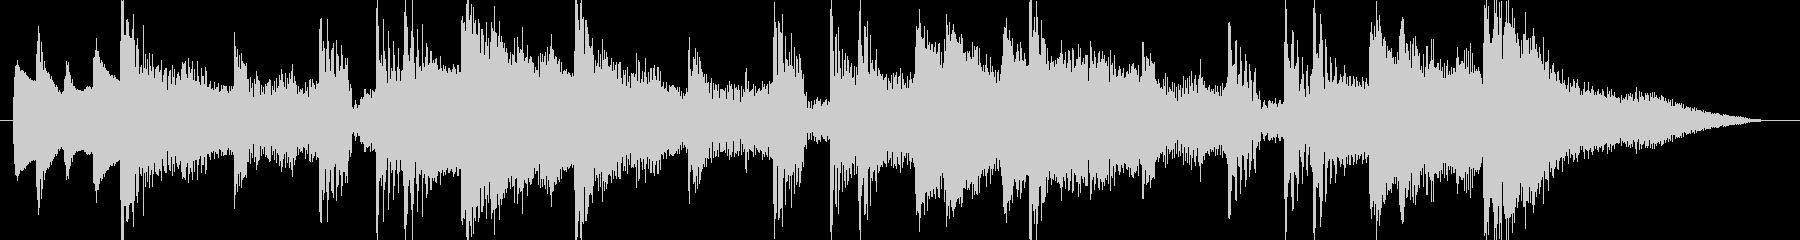 和風島唄風出囃子アイキャッチCM用BGMの未再生の波形